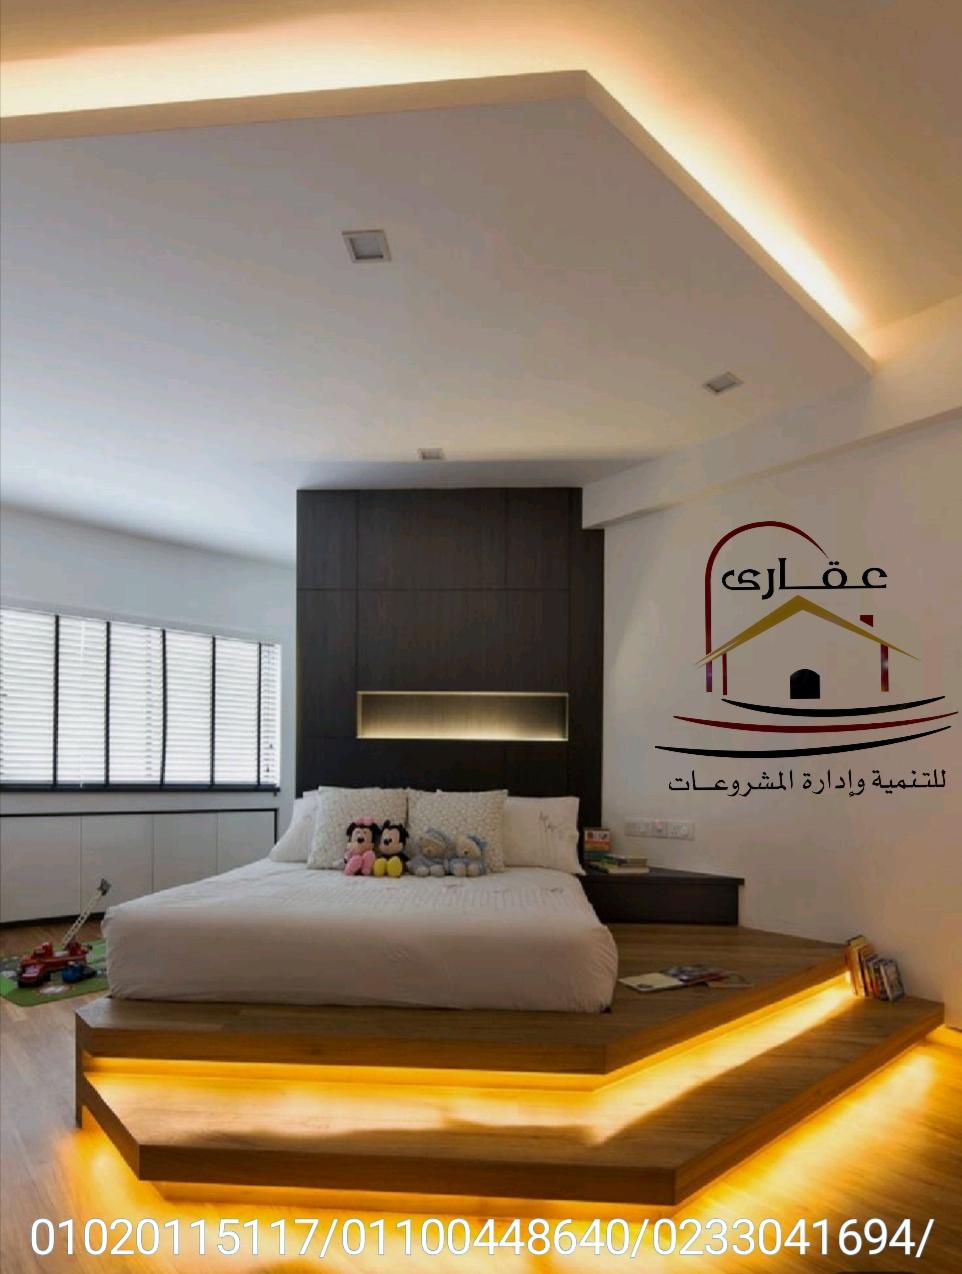 غرف النوم - غرف نوم - تشكيلة من غرف النوم مع شركة عقارى (01020115117 ) Whats421